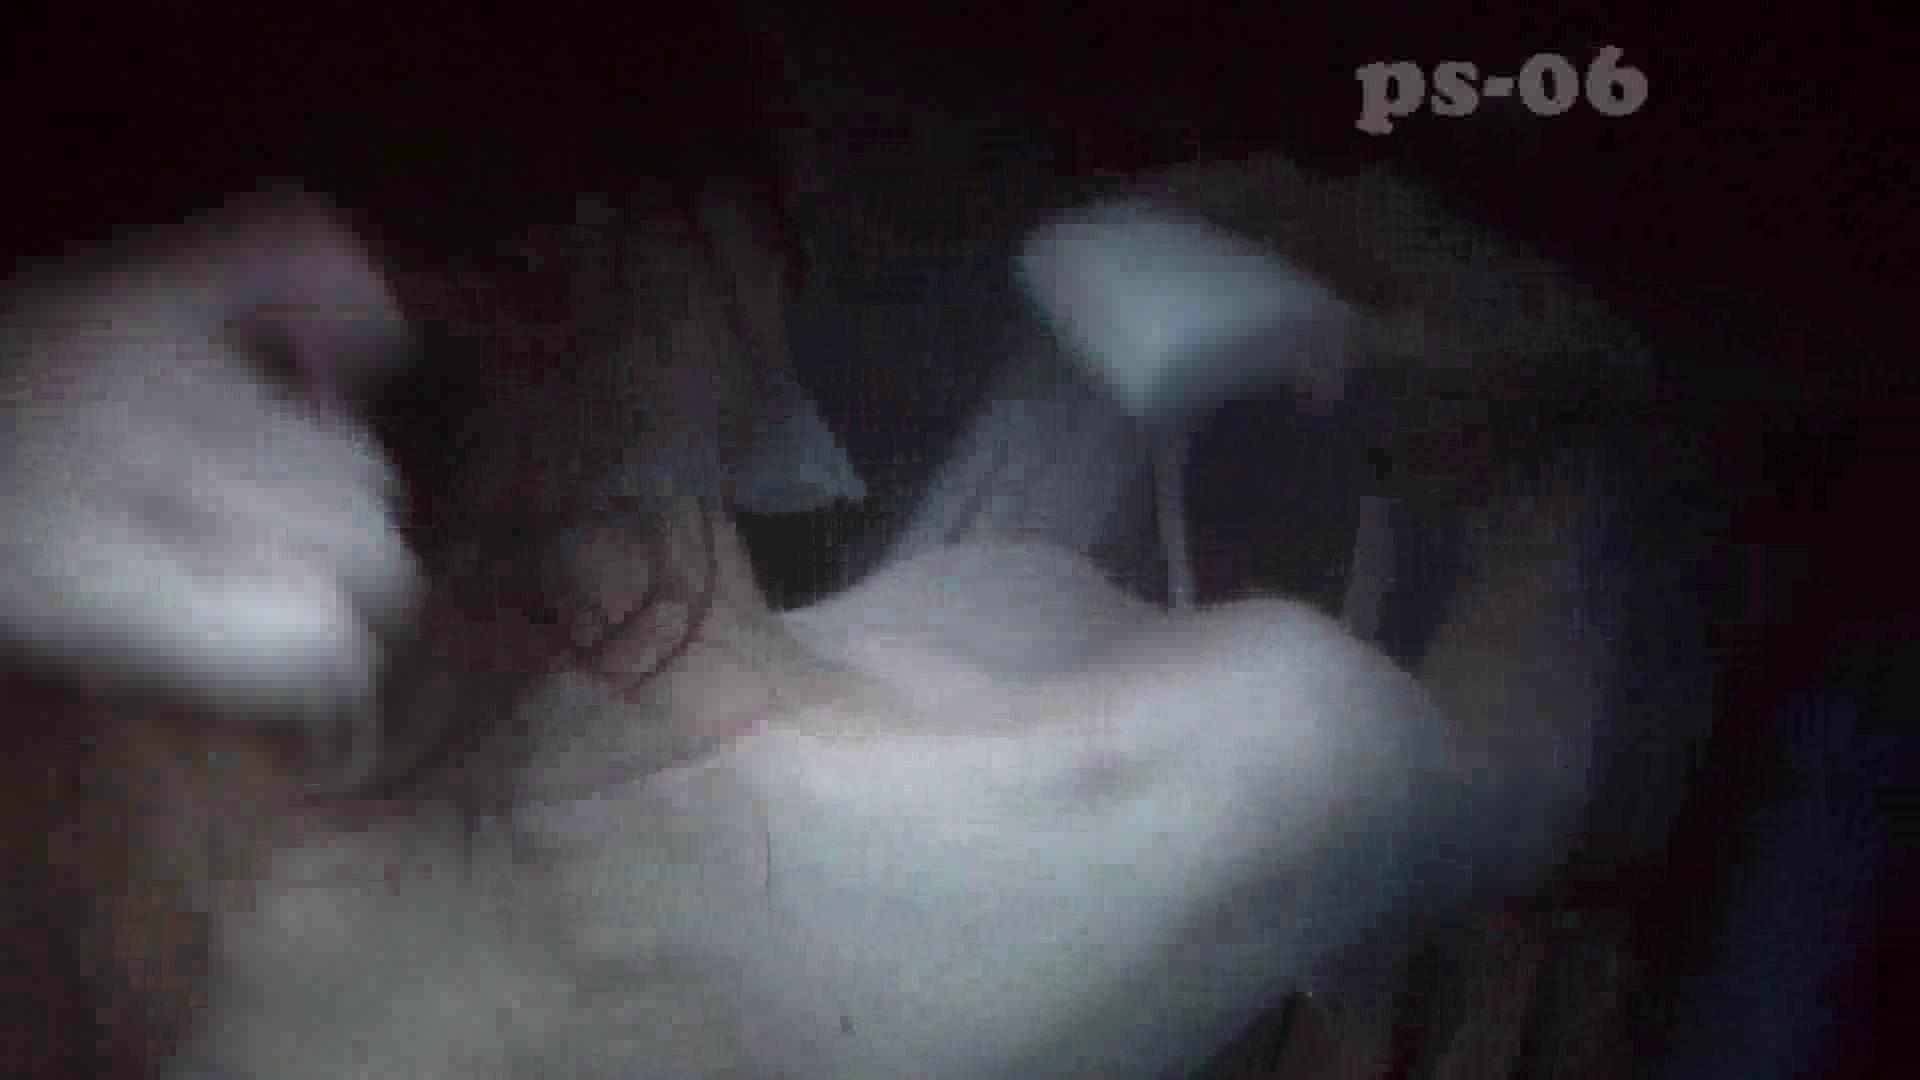 シャワールームは危険な香りVol.6(ハイビジョンサンプル版) 盛合せ  111PIX 36